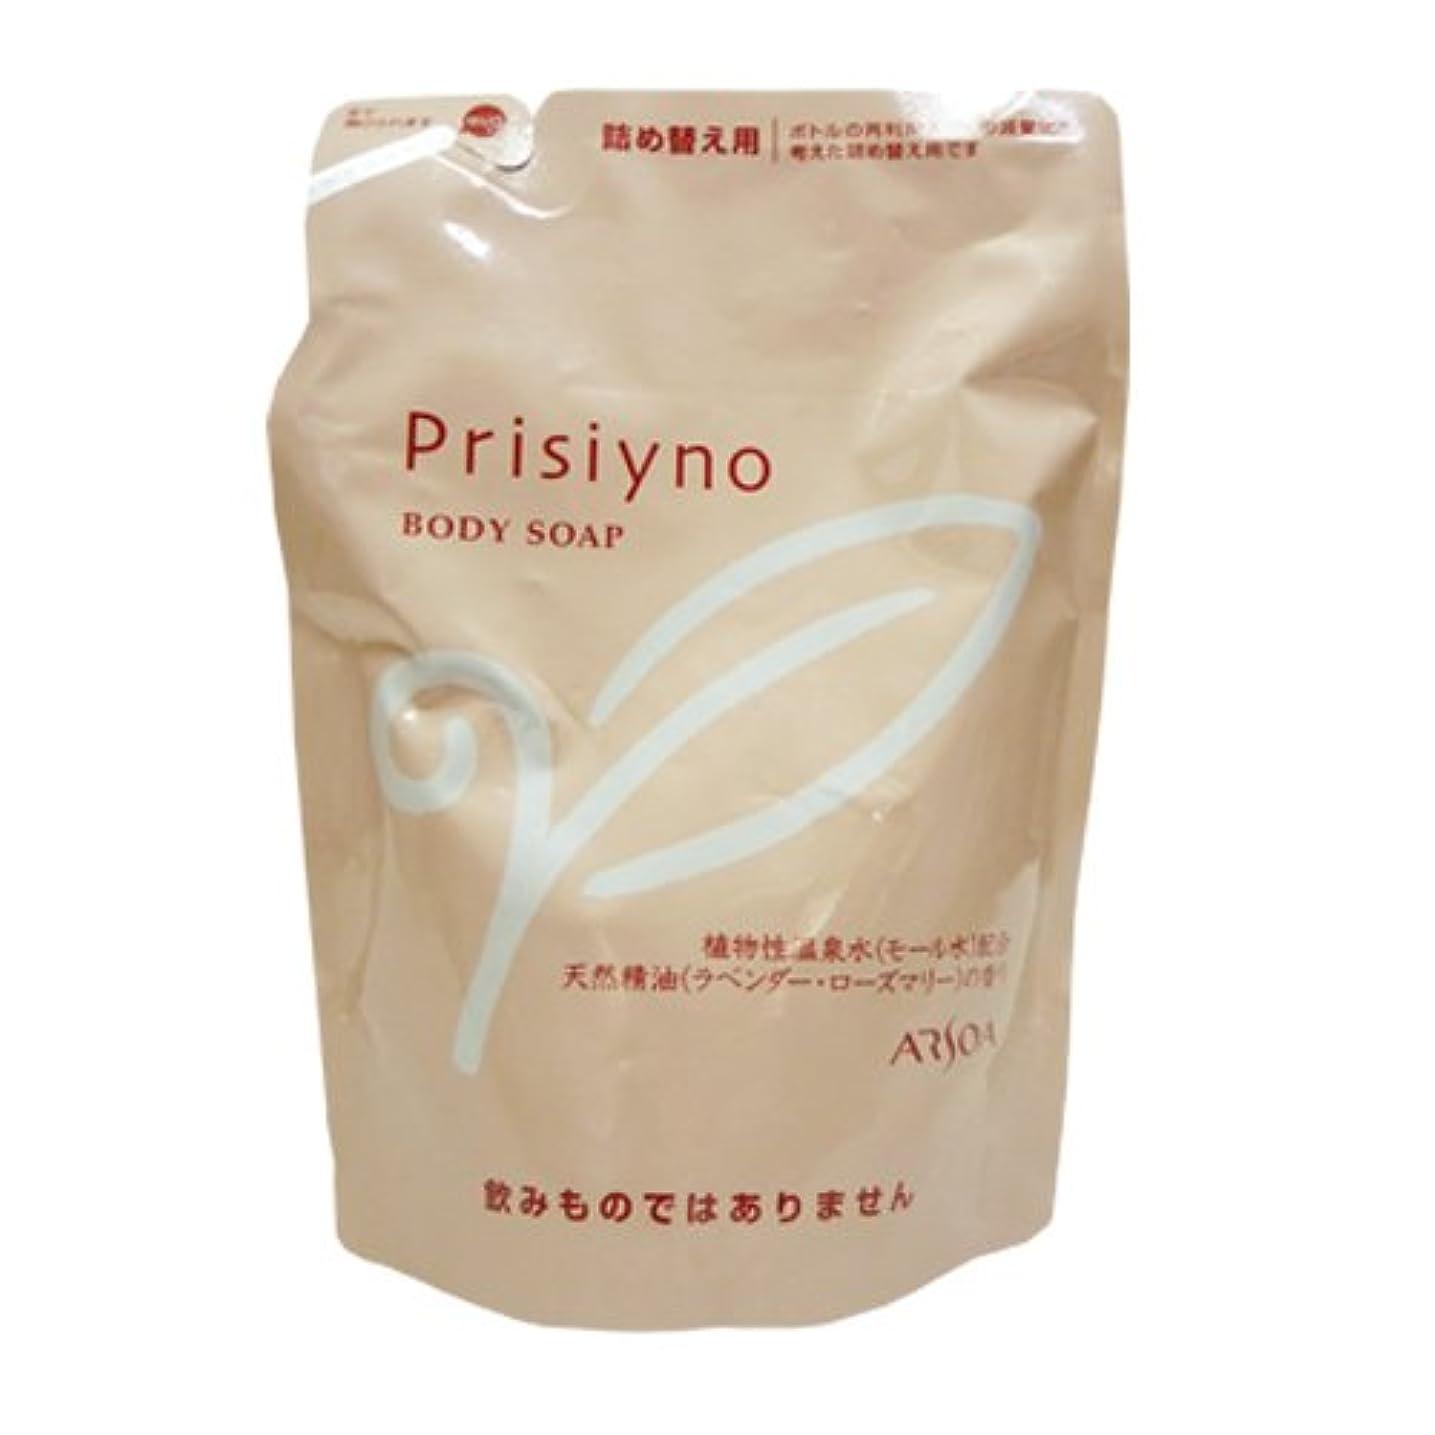 お酢レビュアー偽物ARSOA(アルソア) プリシーノ ボディソープ(レフィル)